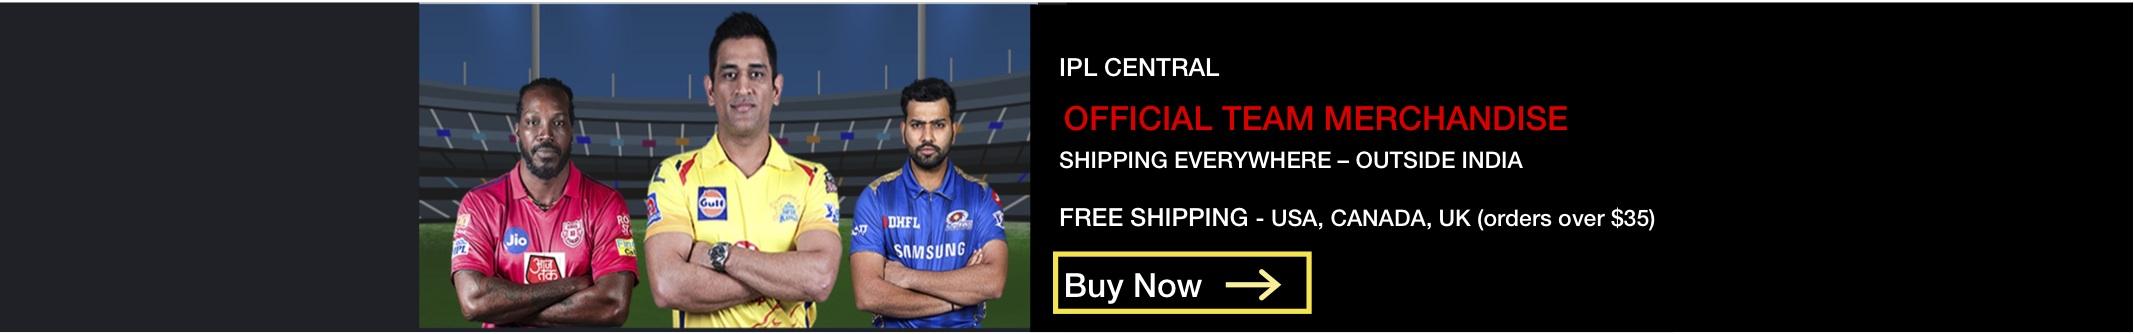 Official IPL International Store - Chennai Super Kings, Mumbai Indians, Kings XI Punjab, Rajasthan Royals, RCB